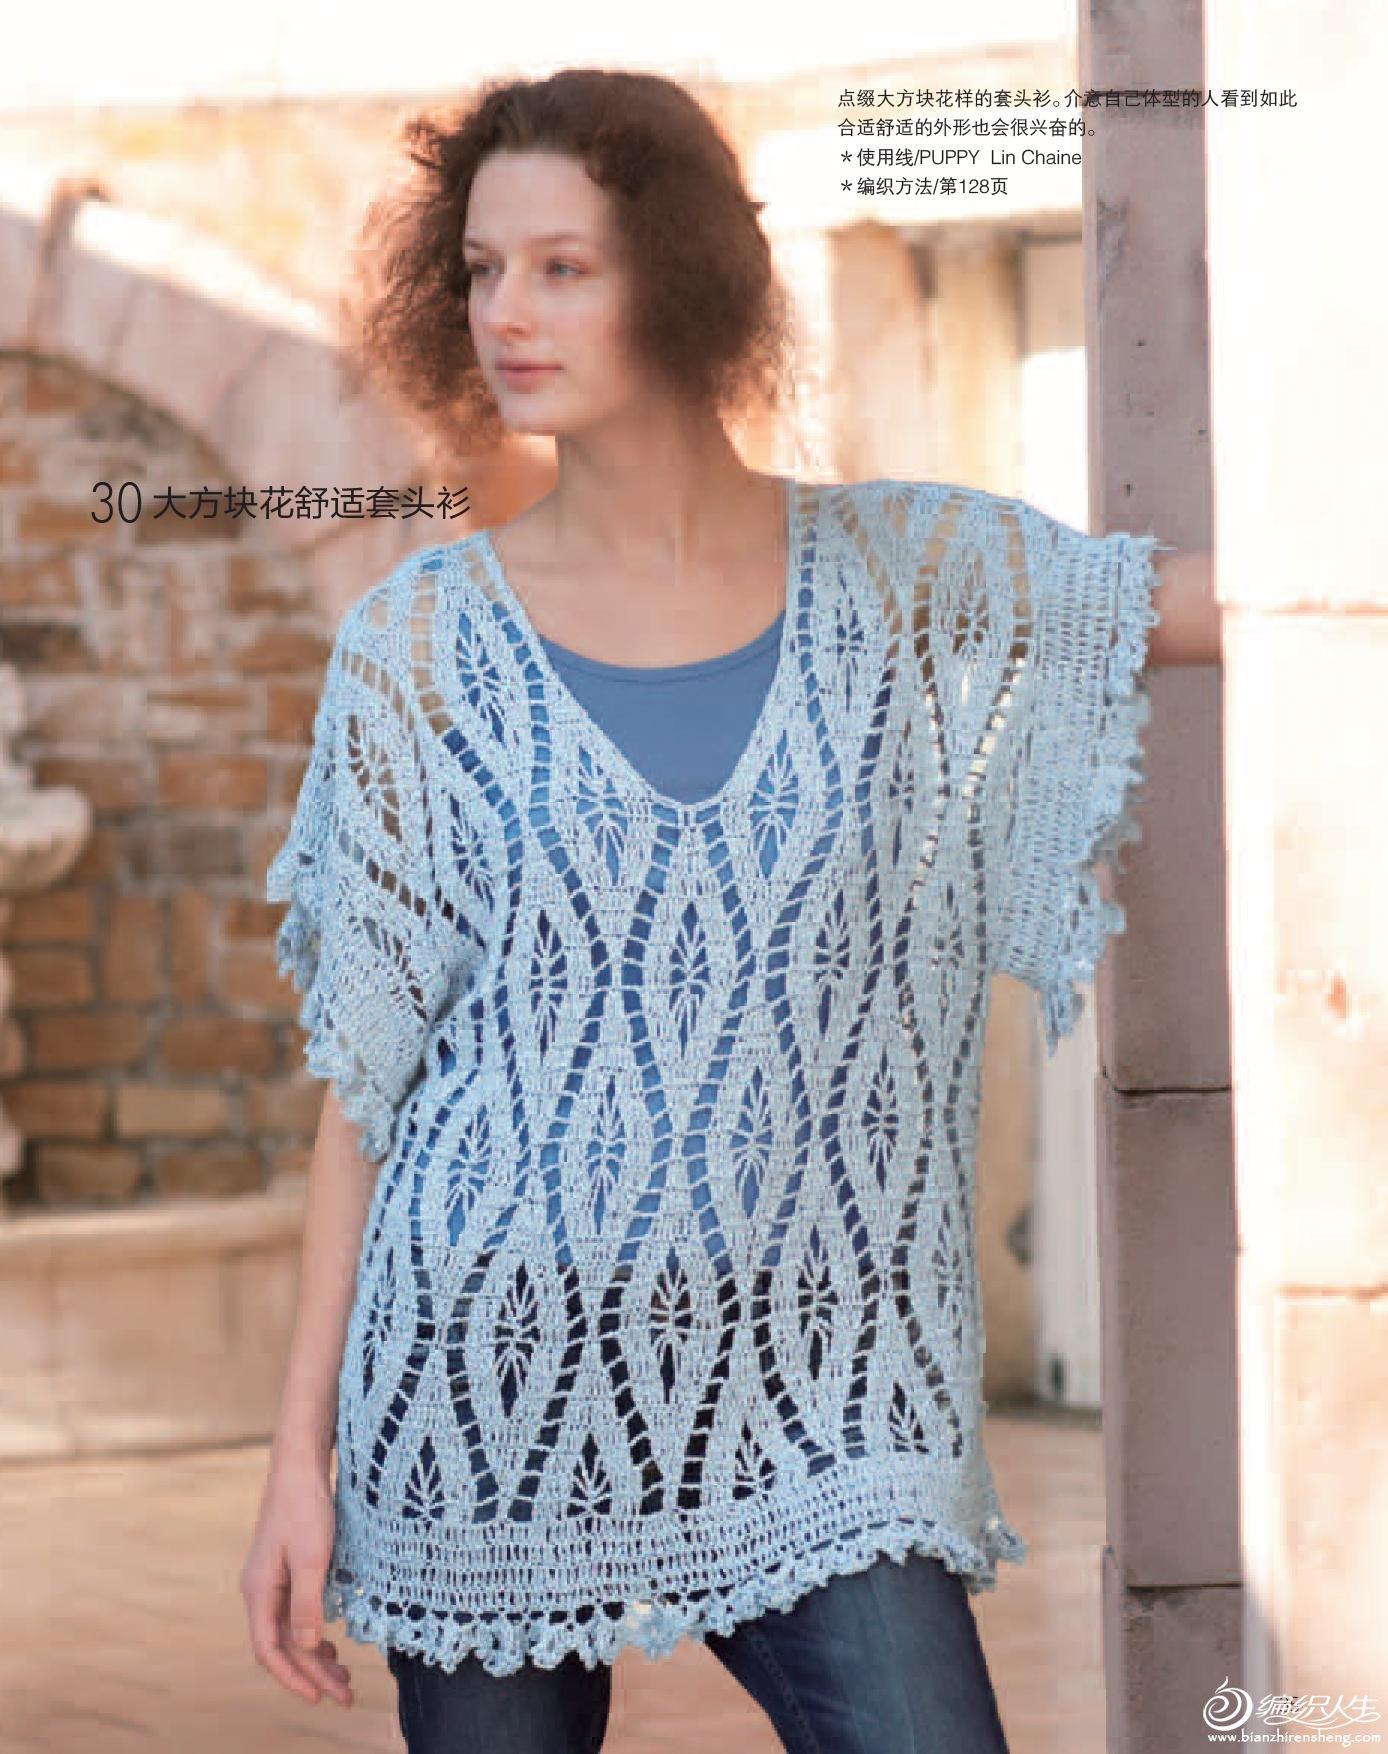 世界编织1 蕾丝编织的美丽世界-35.jpg